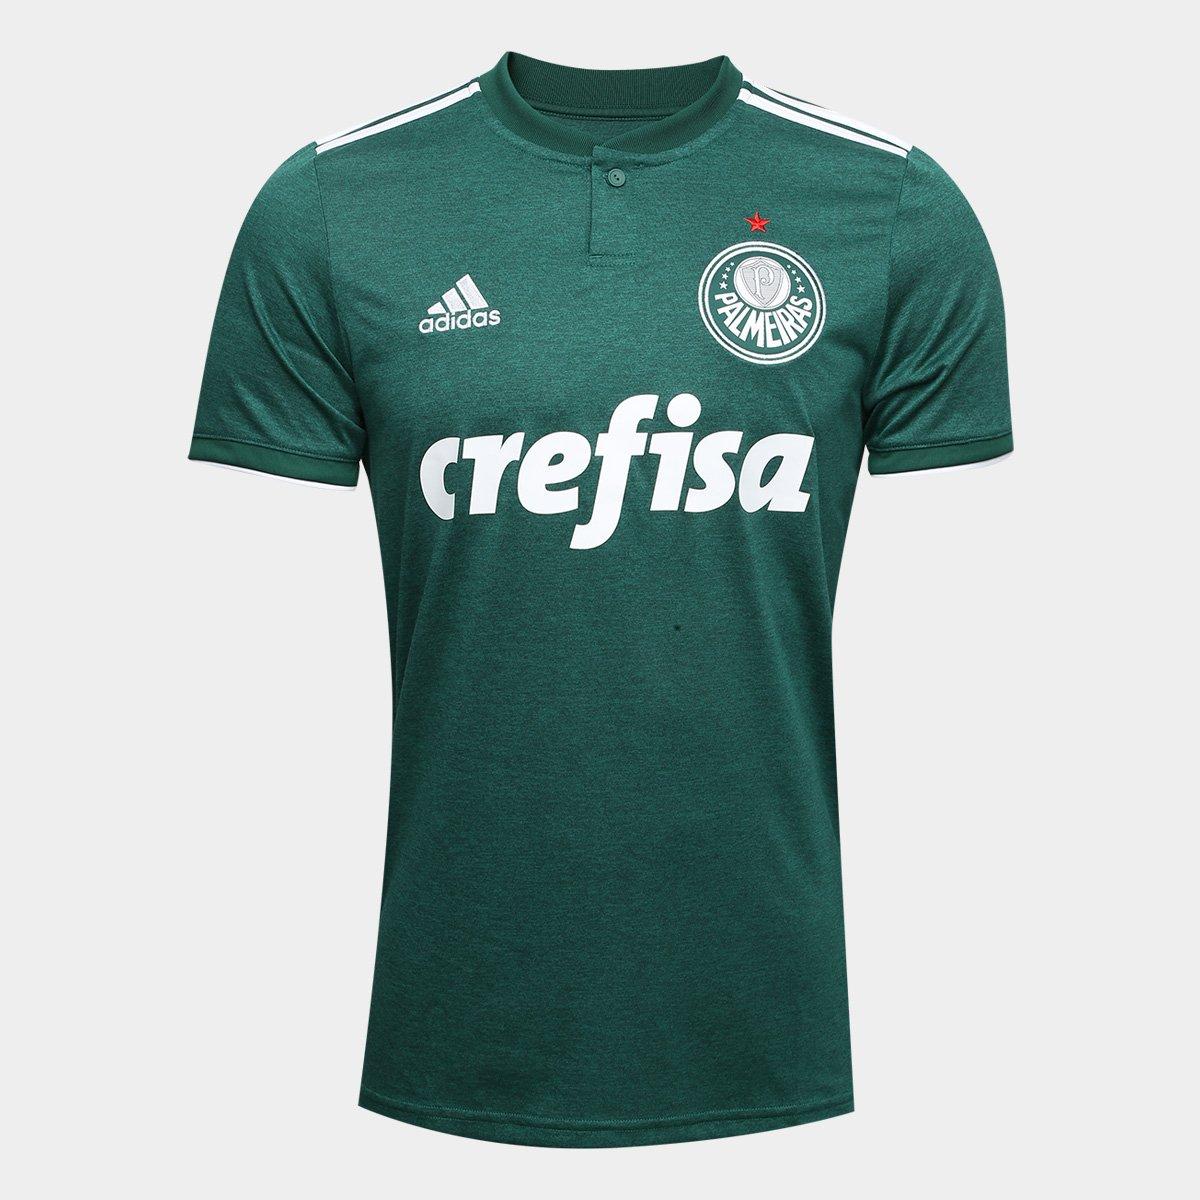 dbfe122ae8be4 Camisa Palmeiras I 2018 s n° Torcedor Adidas Masculina - Compre Agora